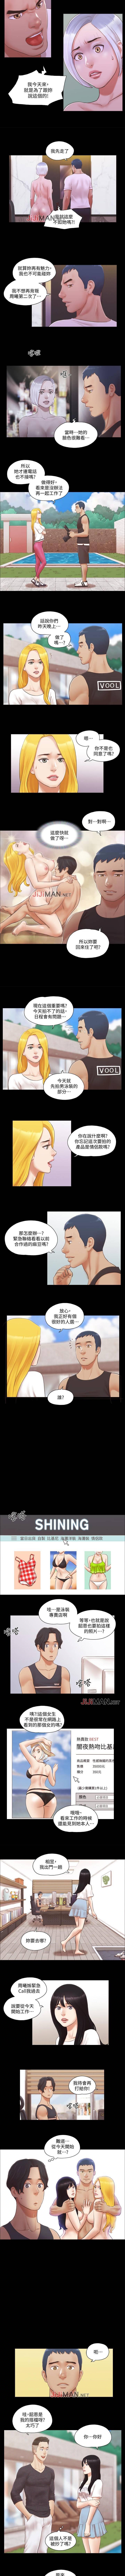 【周五连载】协议换爱(作者:遠德) 第1~62话 89